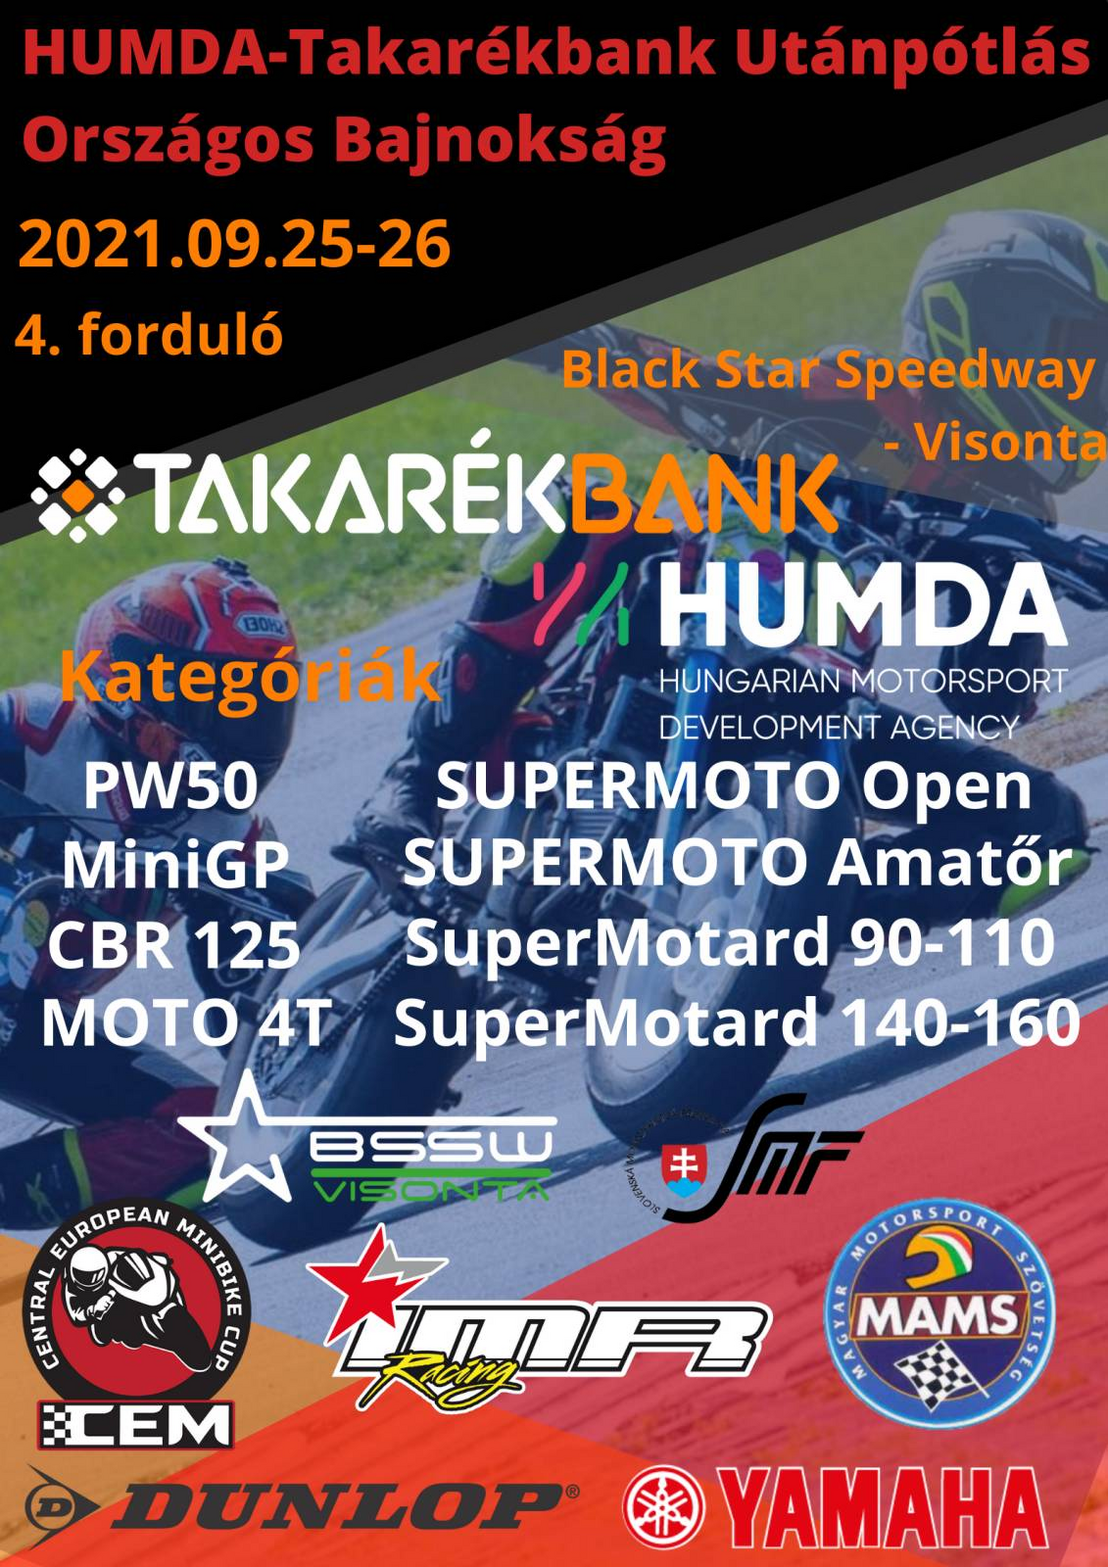 Ha élőben is megnéznéd őket, akkor szeptember 25-26-án a visontai Black Star Speedway-en a helyed!                          Ha további képeket látnál a kakucsi versenyről,  kattintson ide !